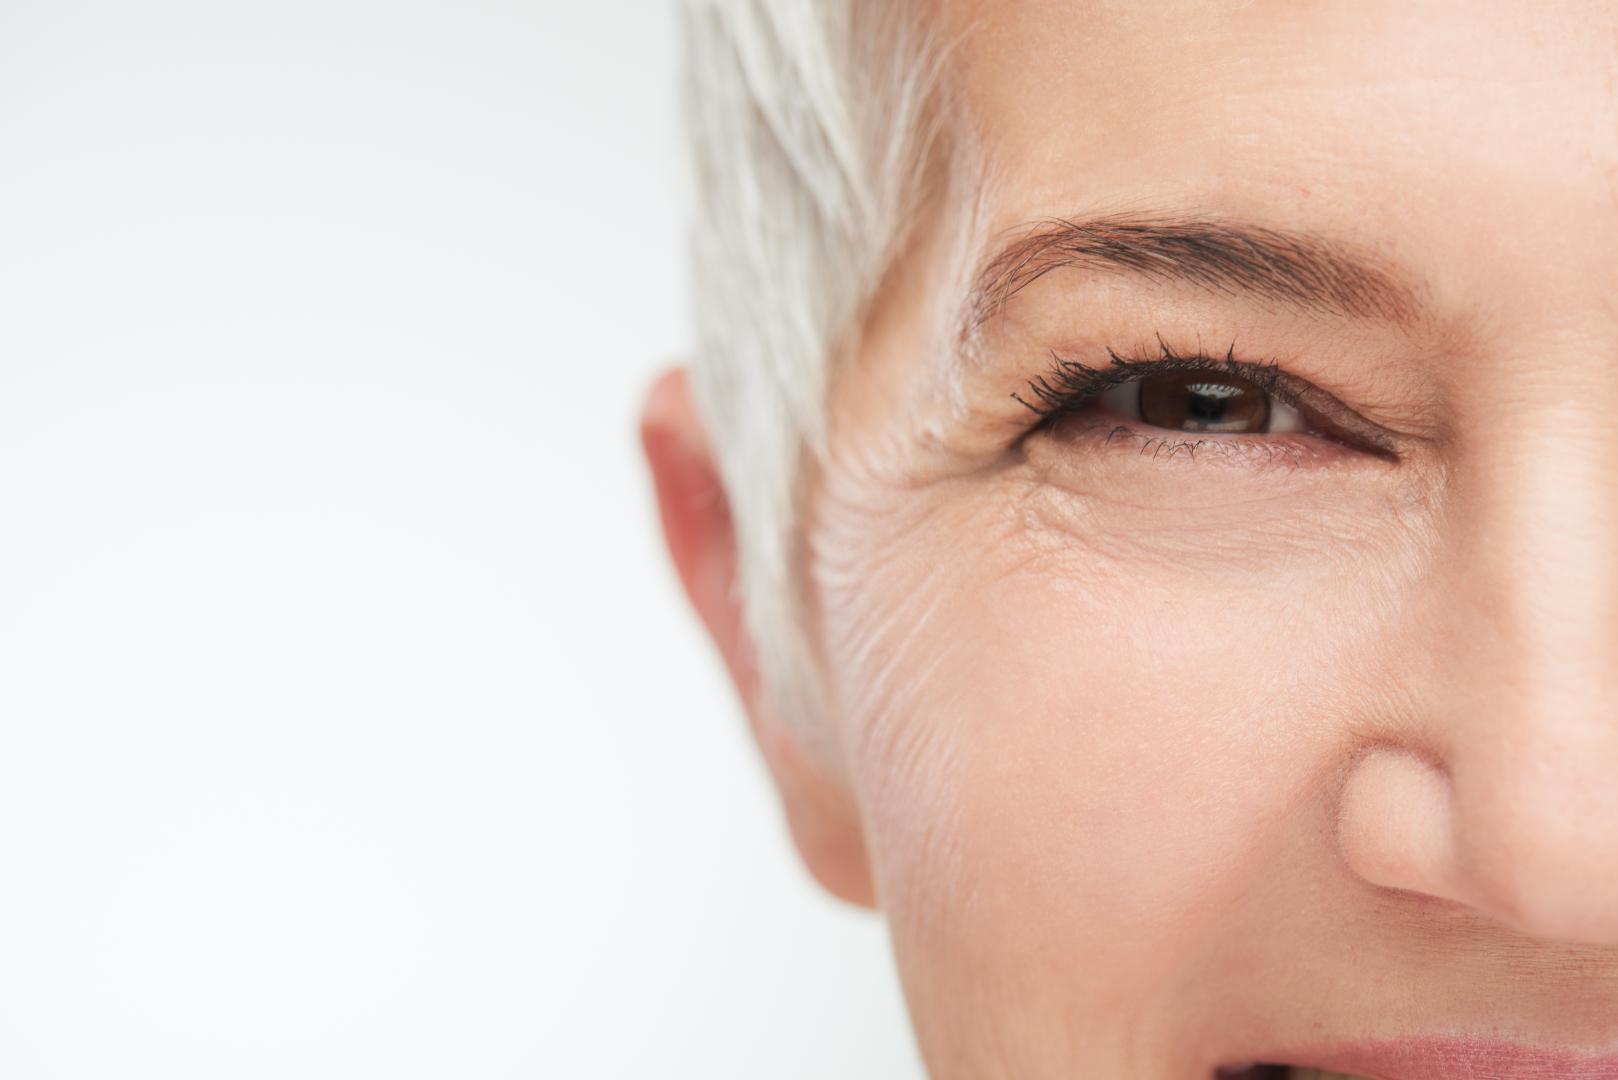 Das Bild zeigt die linke Gesichtshälfte einer Frau mittleren Alters mit kurzen grauen Haaren